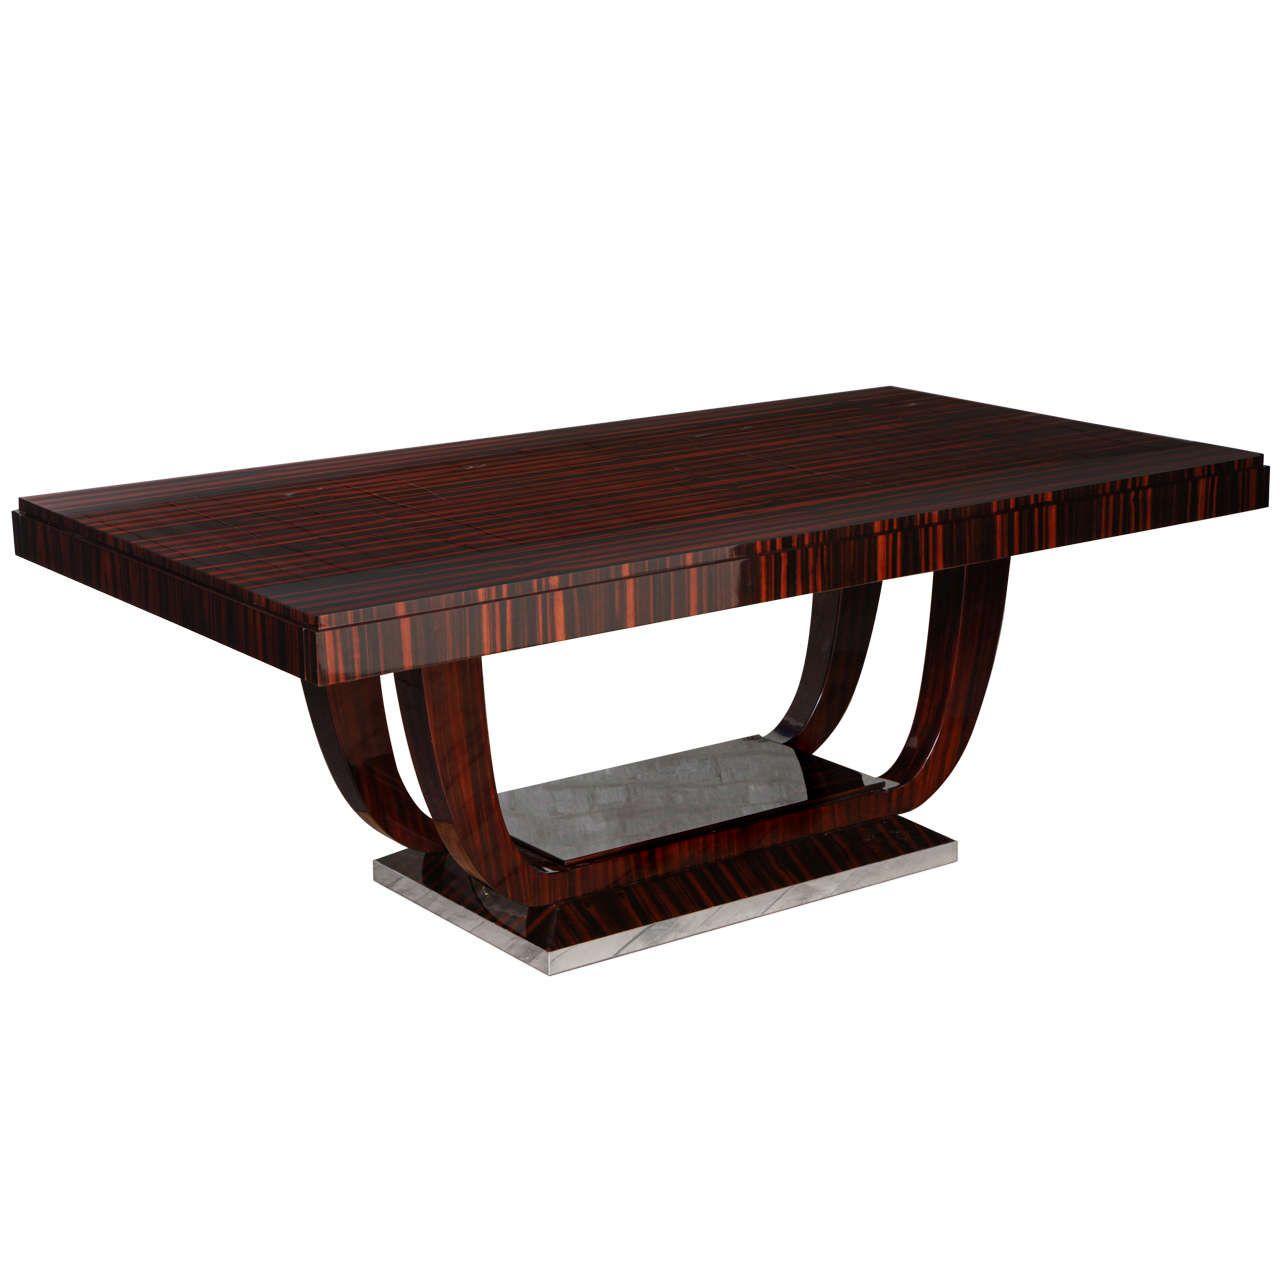 Modern Furniture 2014 Clever Furniture Arrangement Tips: Elegant Art Deco Dining Table